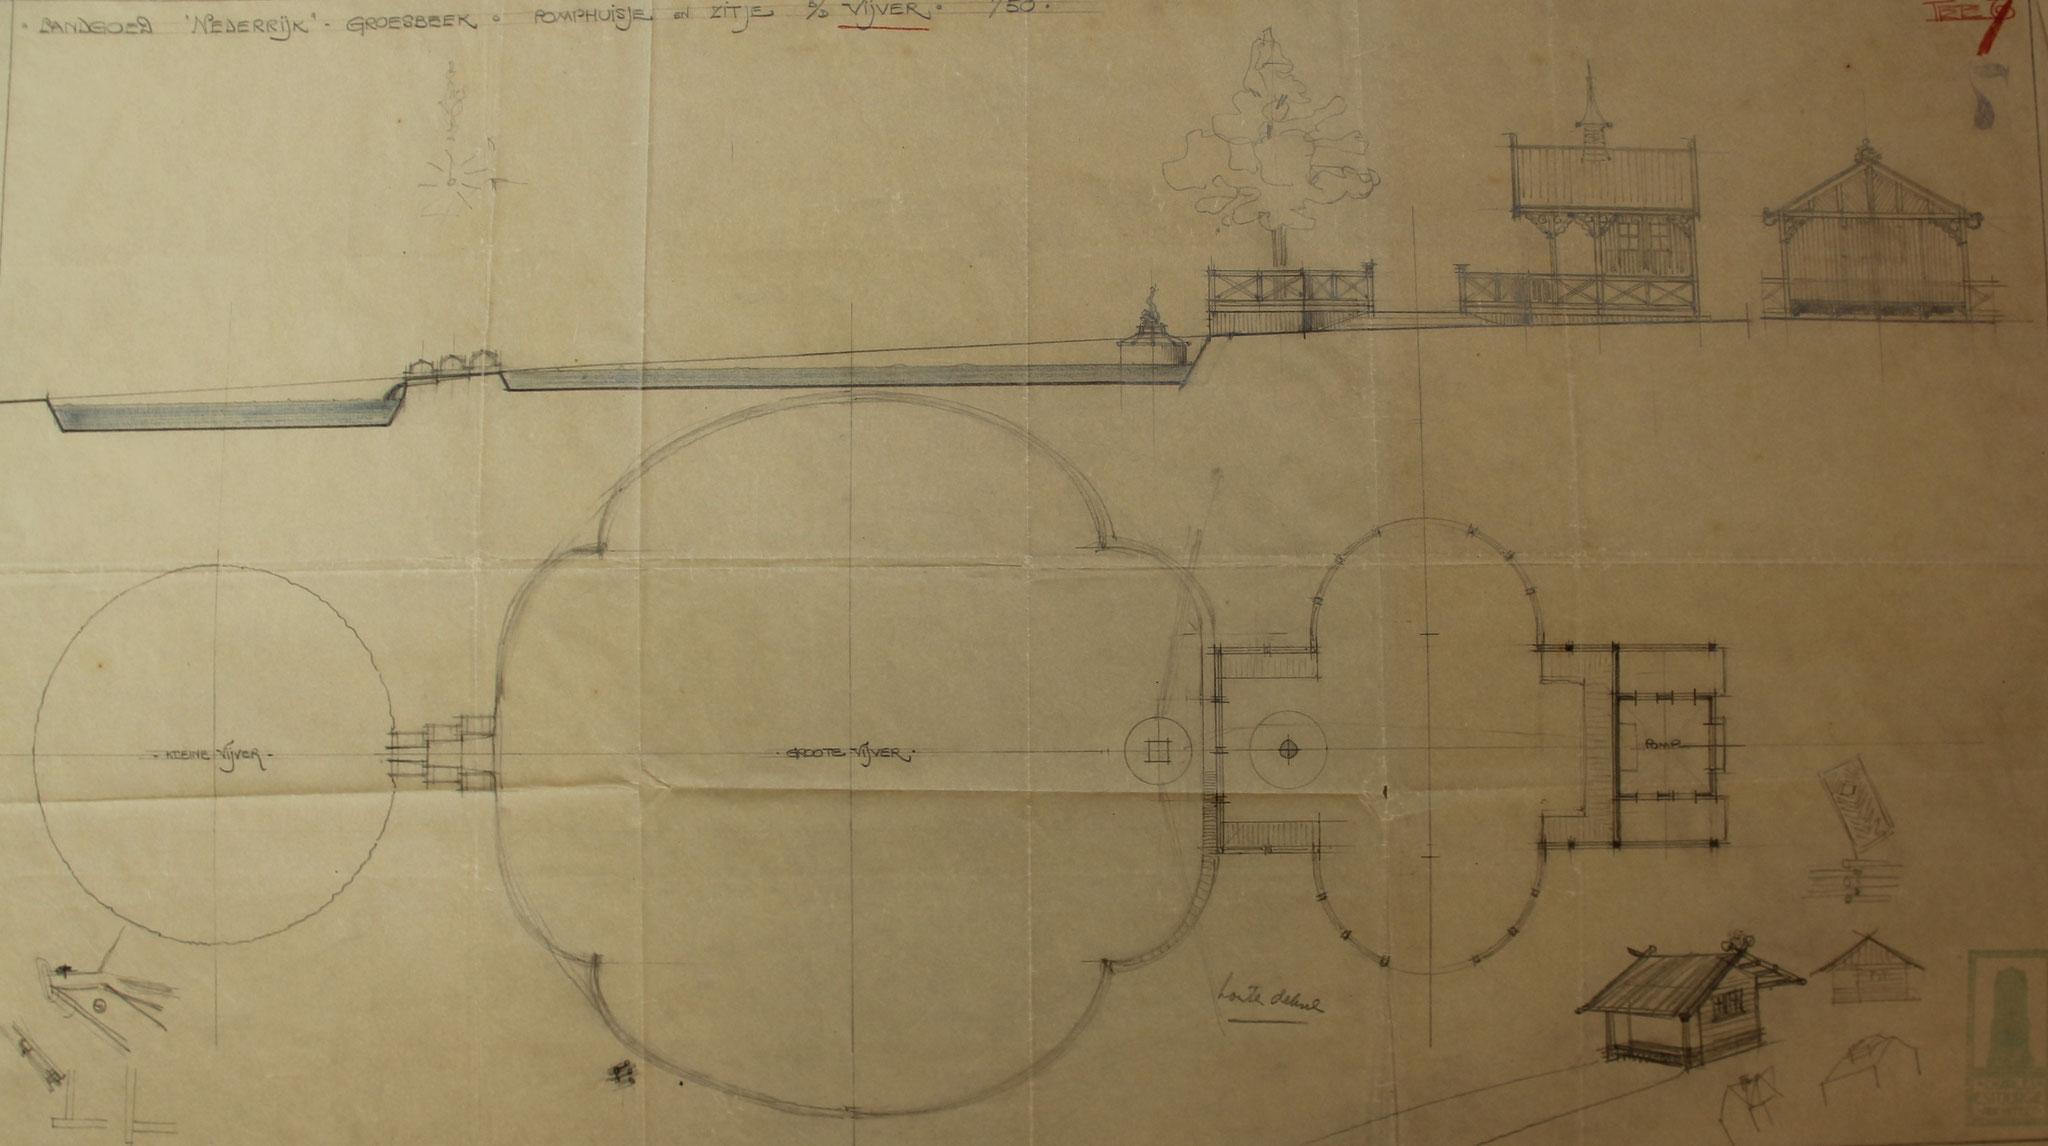 Ontwerp voor een vijver met prieel en pomphuis voor landgoed Nederrijk, Charles Estourgie (Het Archief Nijmegen)